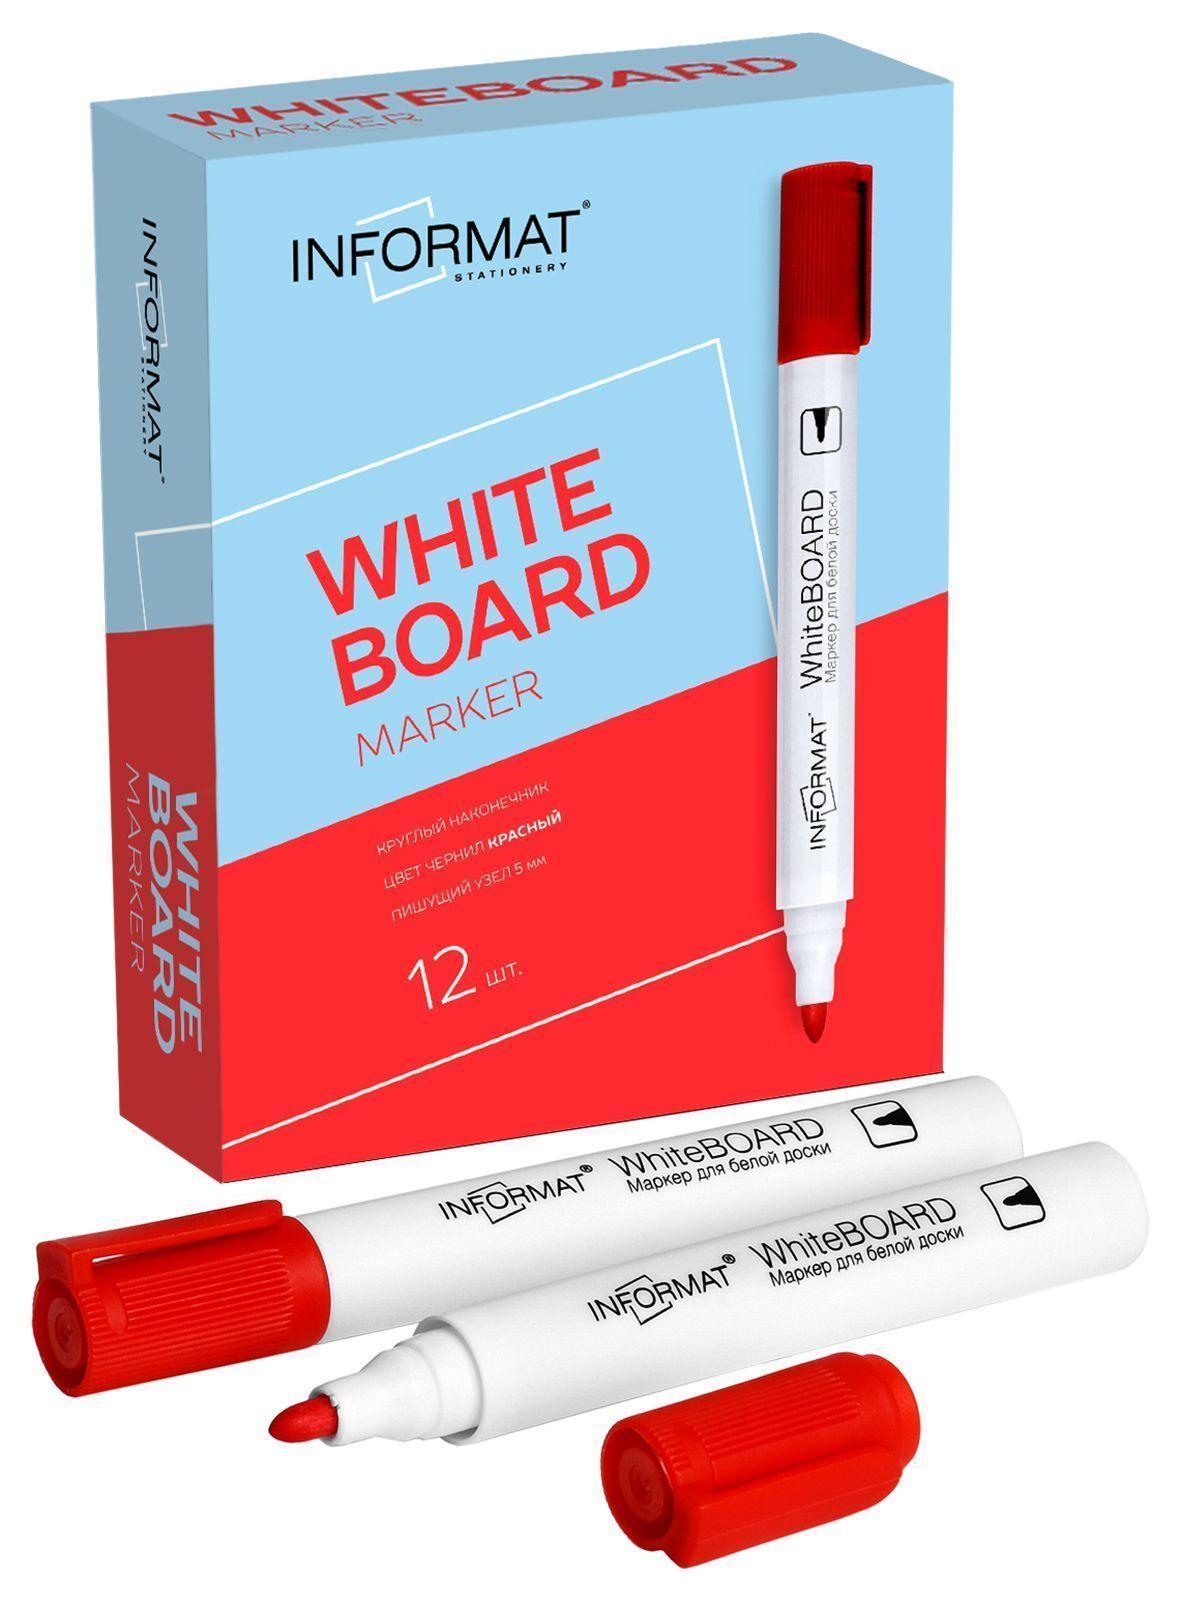 Маркер для досок INFORMAT BOARD 5 мм красный круглый